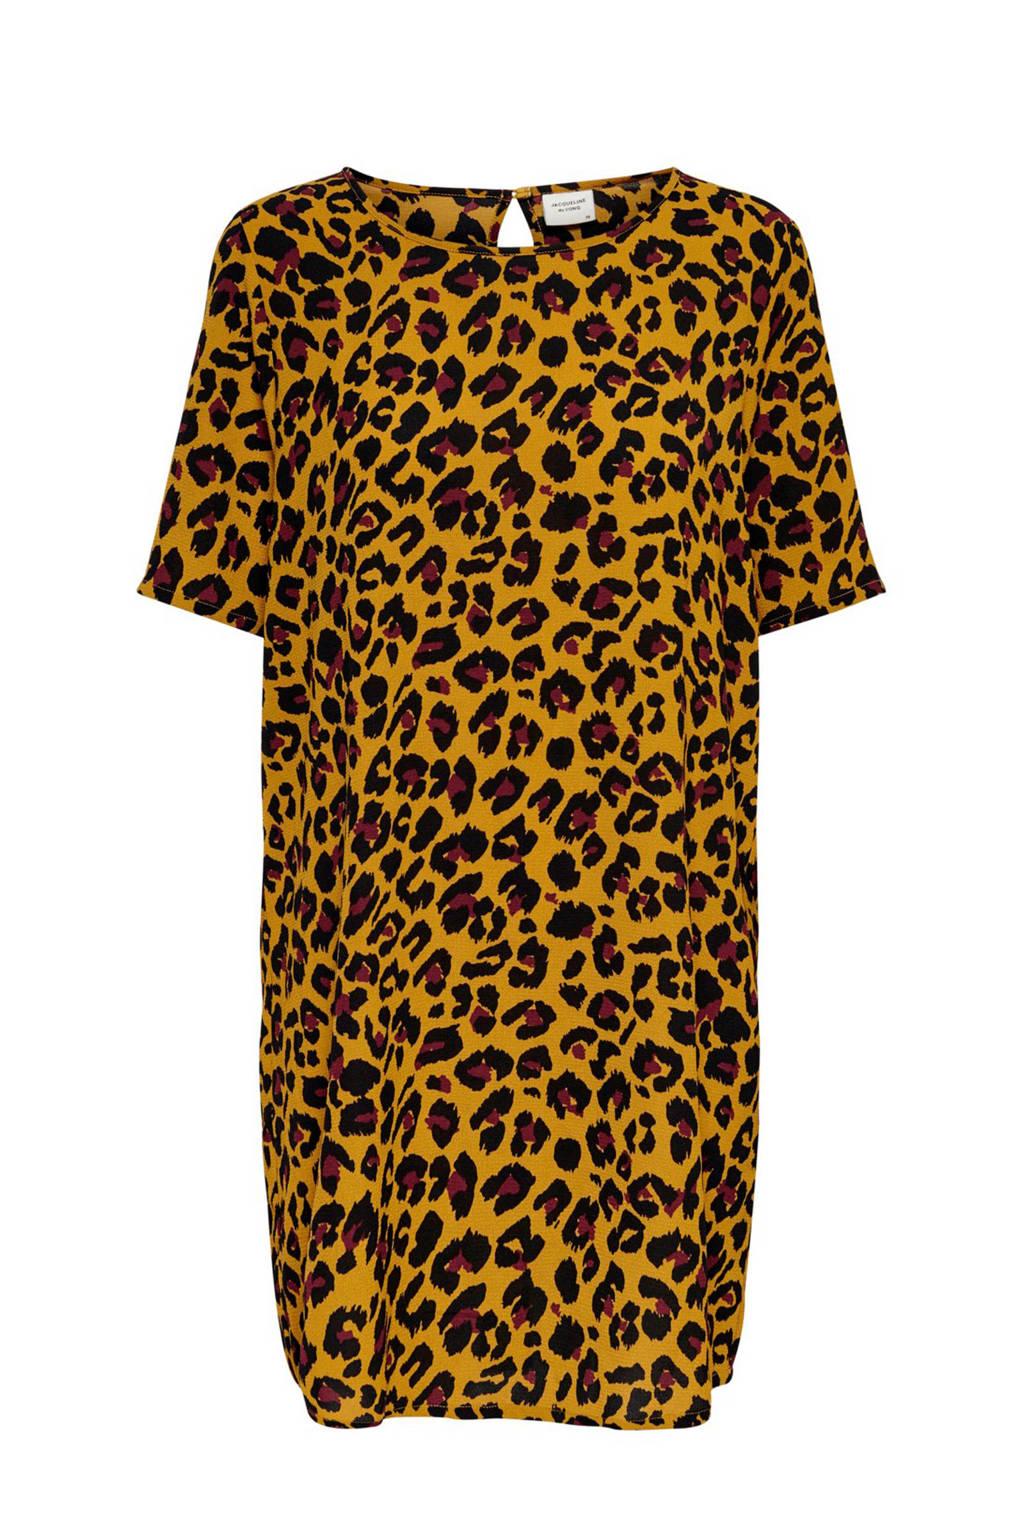 JACQUELINE DE YONG jurk met panterprint okergeel, Oker/zwart/rood